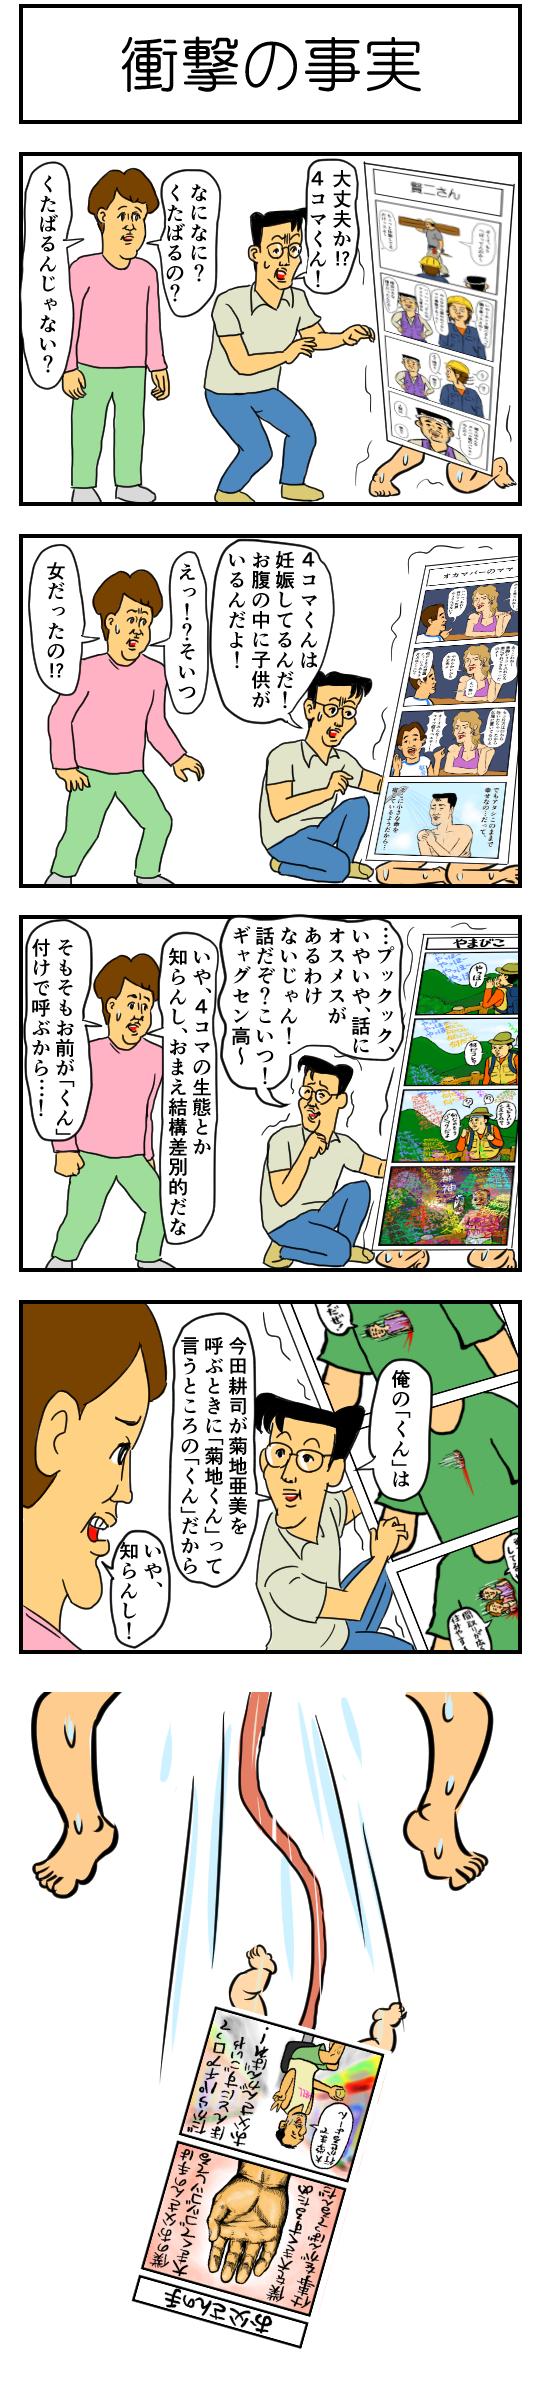 4コマくん(衝撃の事実)